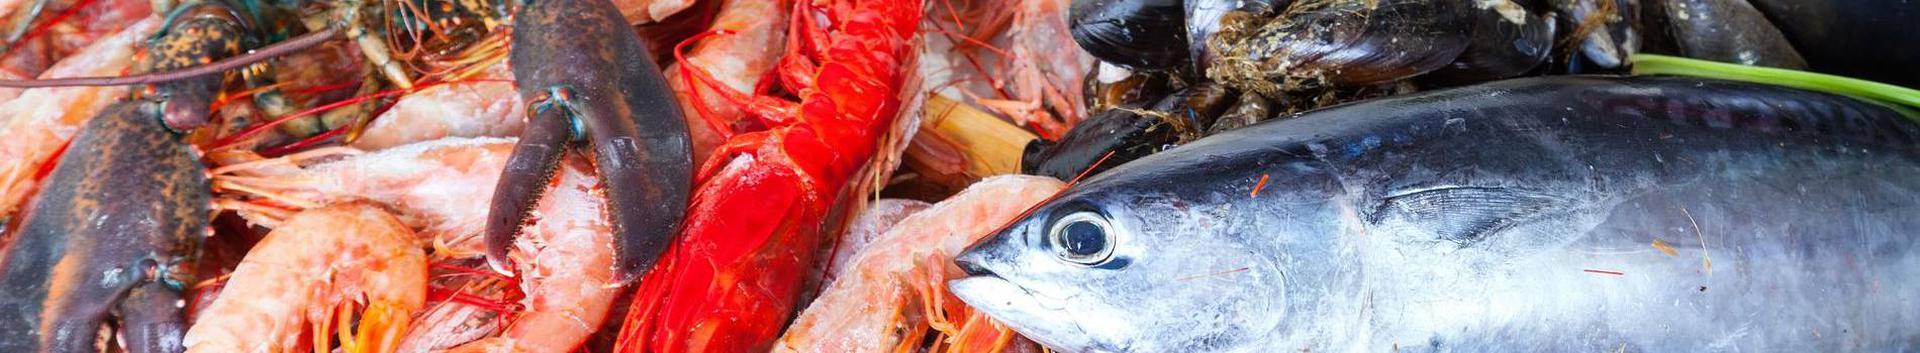 kala, kalatooted, kalatööstus, kalandus, toiduainetetööstus, Loomsed tooted, liha ja lihatooted, Kalatooted ja -konservid, Puuviljad, köögiviljad ja nendega seonduvad tooted, Piimatooted, Jahu ja tangained, tärklis ja tärklisetooted